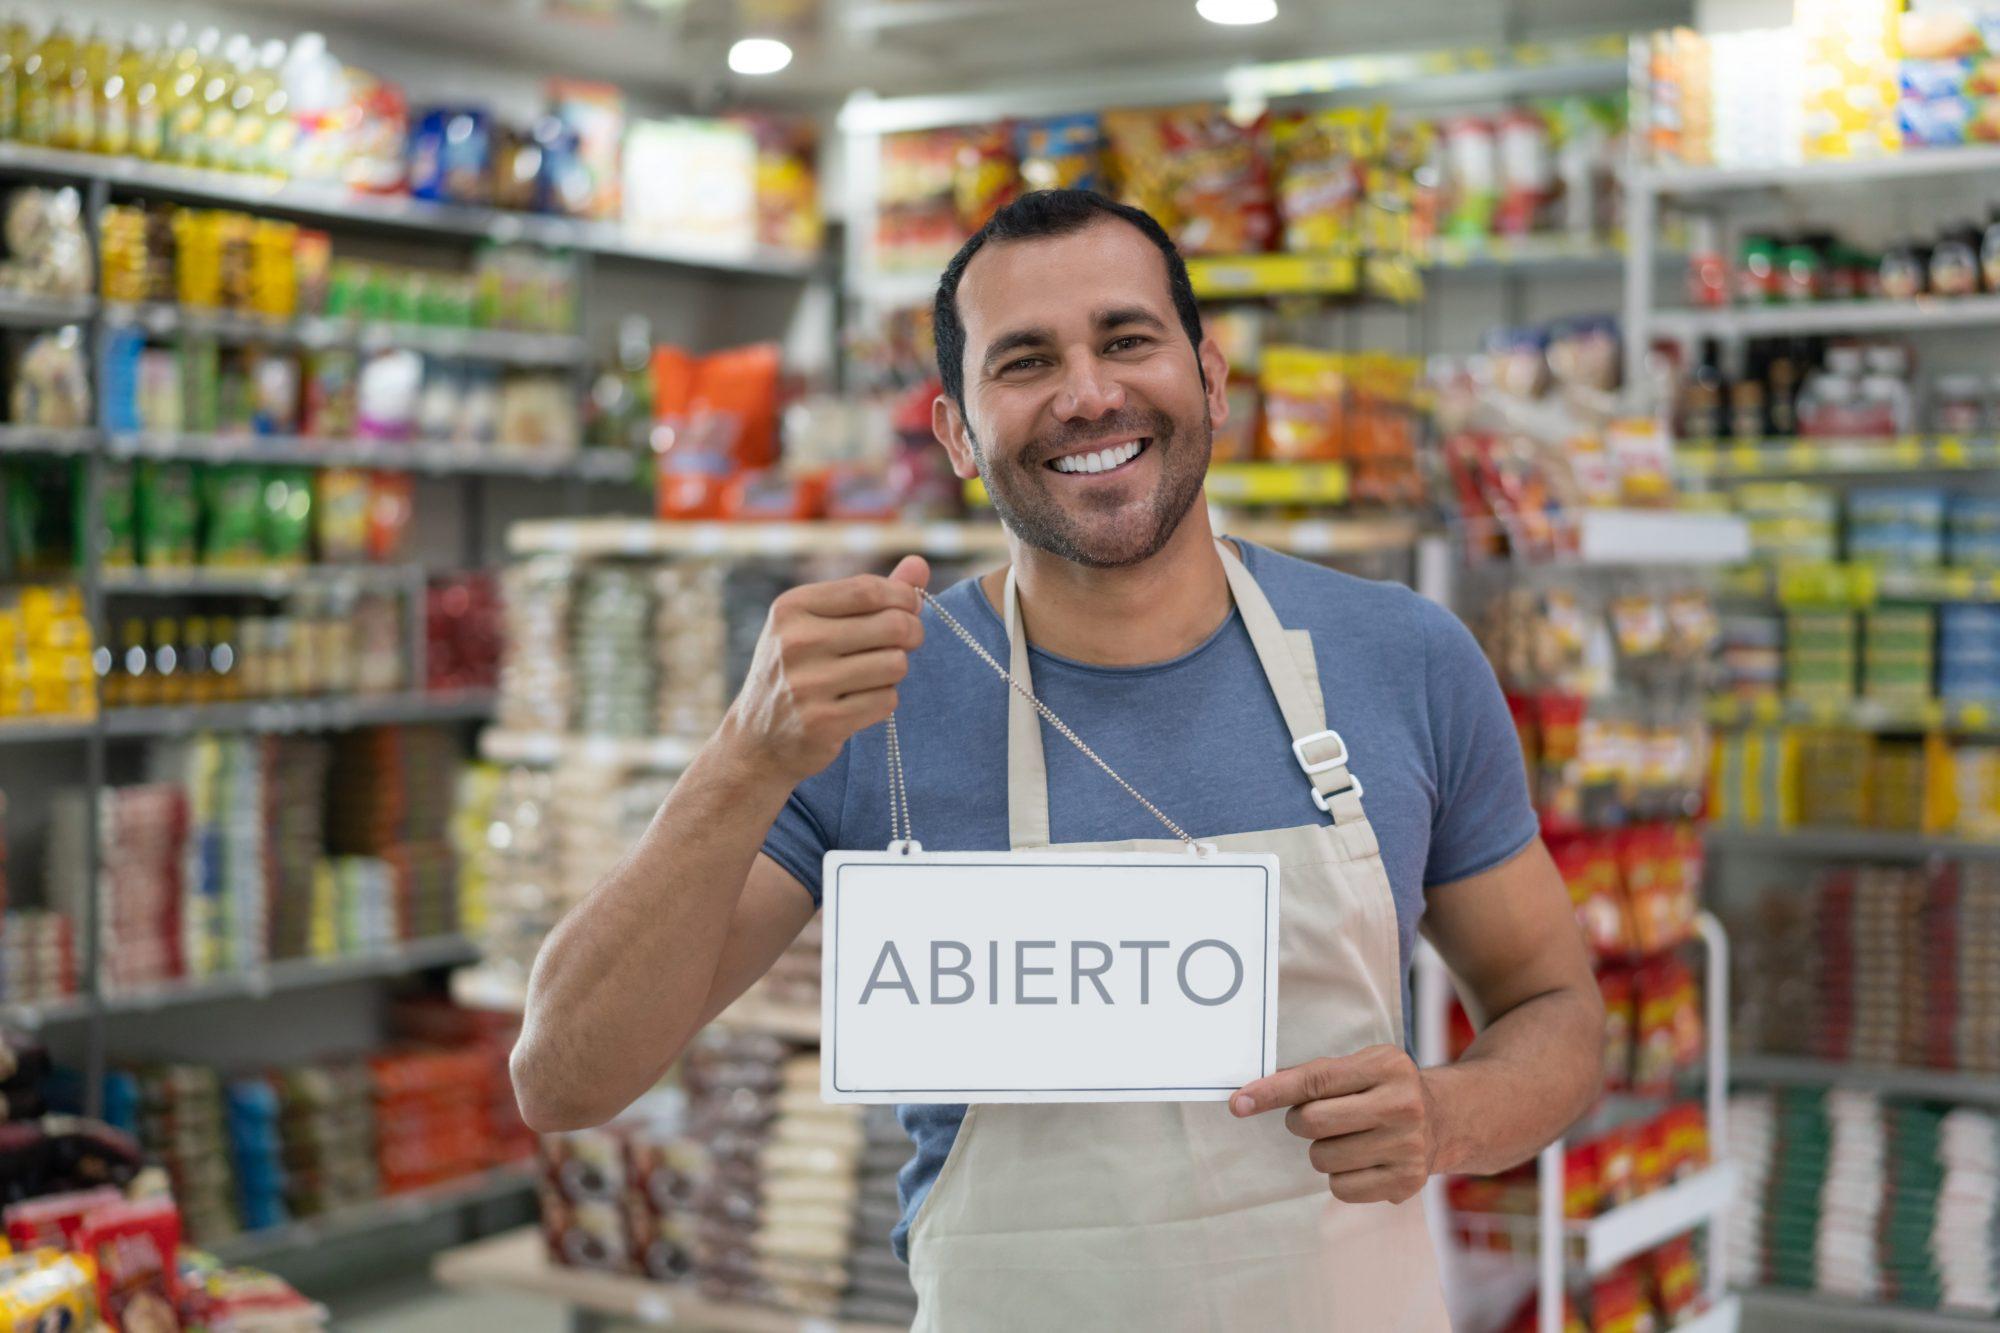 Comprar local no solo es una de las mejores formas de apoyar a los pequeños emprendedores latinos, también es una manera de enseñarle a tus chicos a construir sentido de comunidad y a crear un hábito de apoyo mutuo entre los hispanos que hacen parte de su cotidianidad.